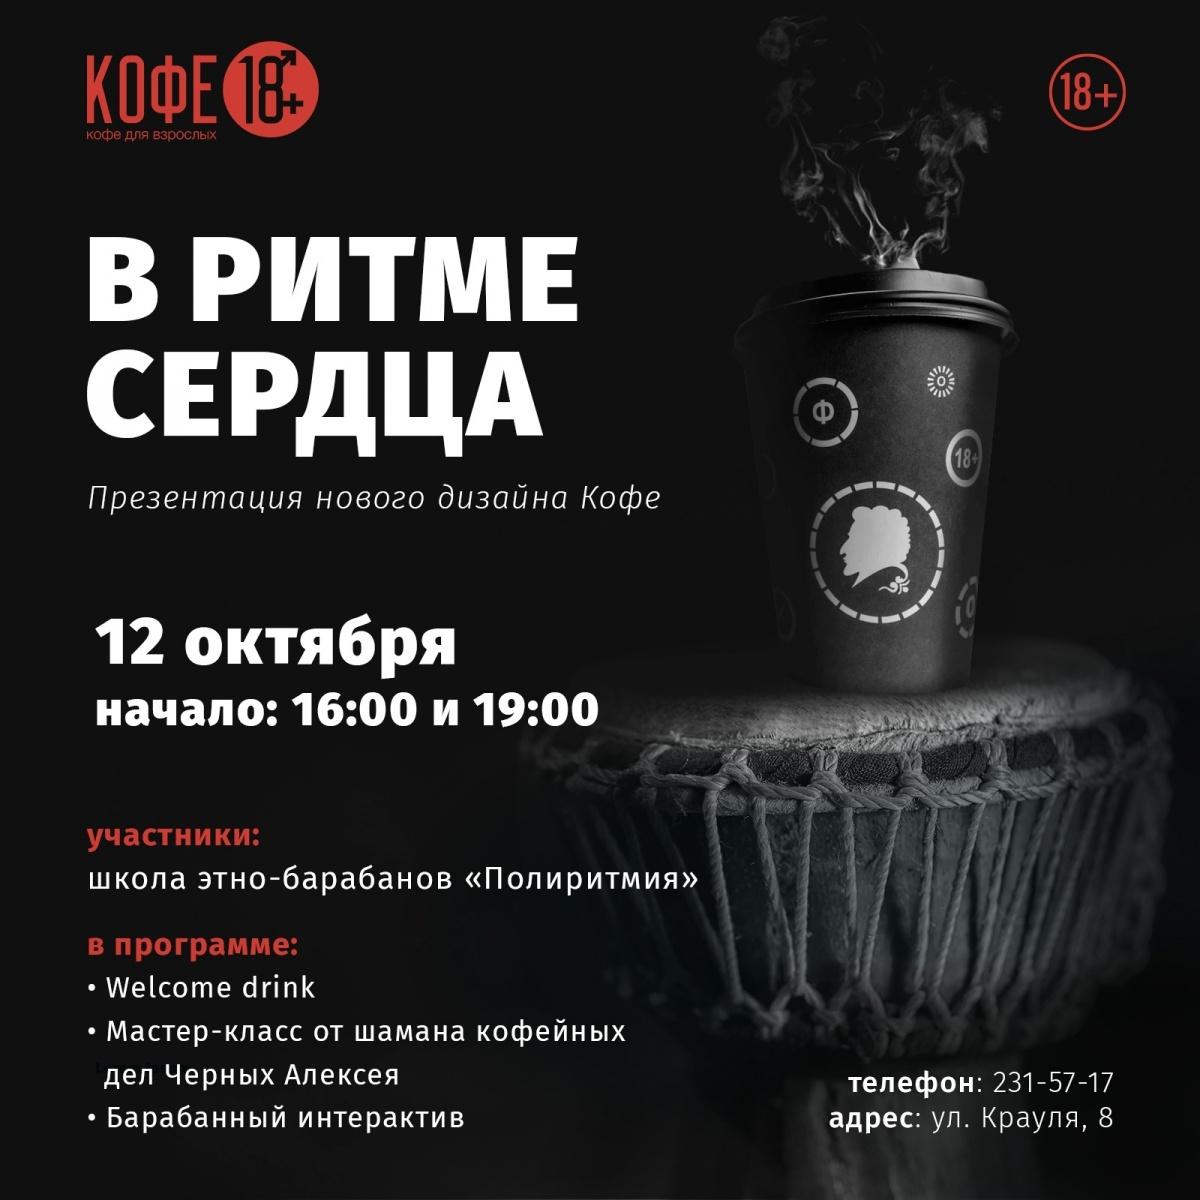 Единственная в Екатеринбурге кофейня для взрослых пригласила на праздник «В ритме сердца» (18+)